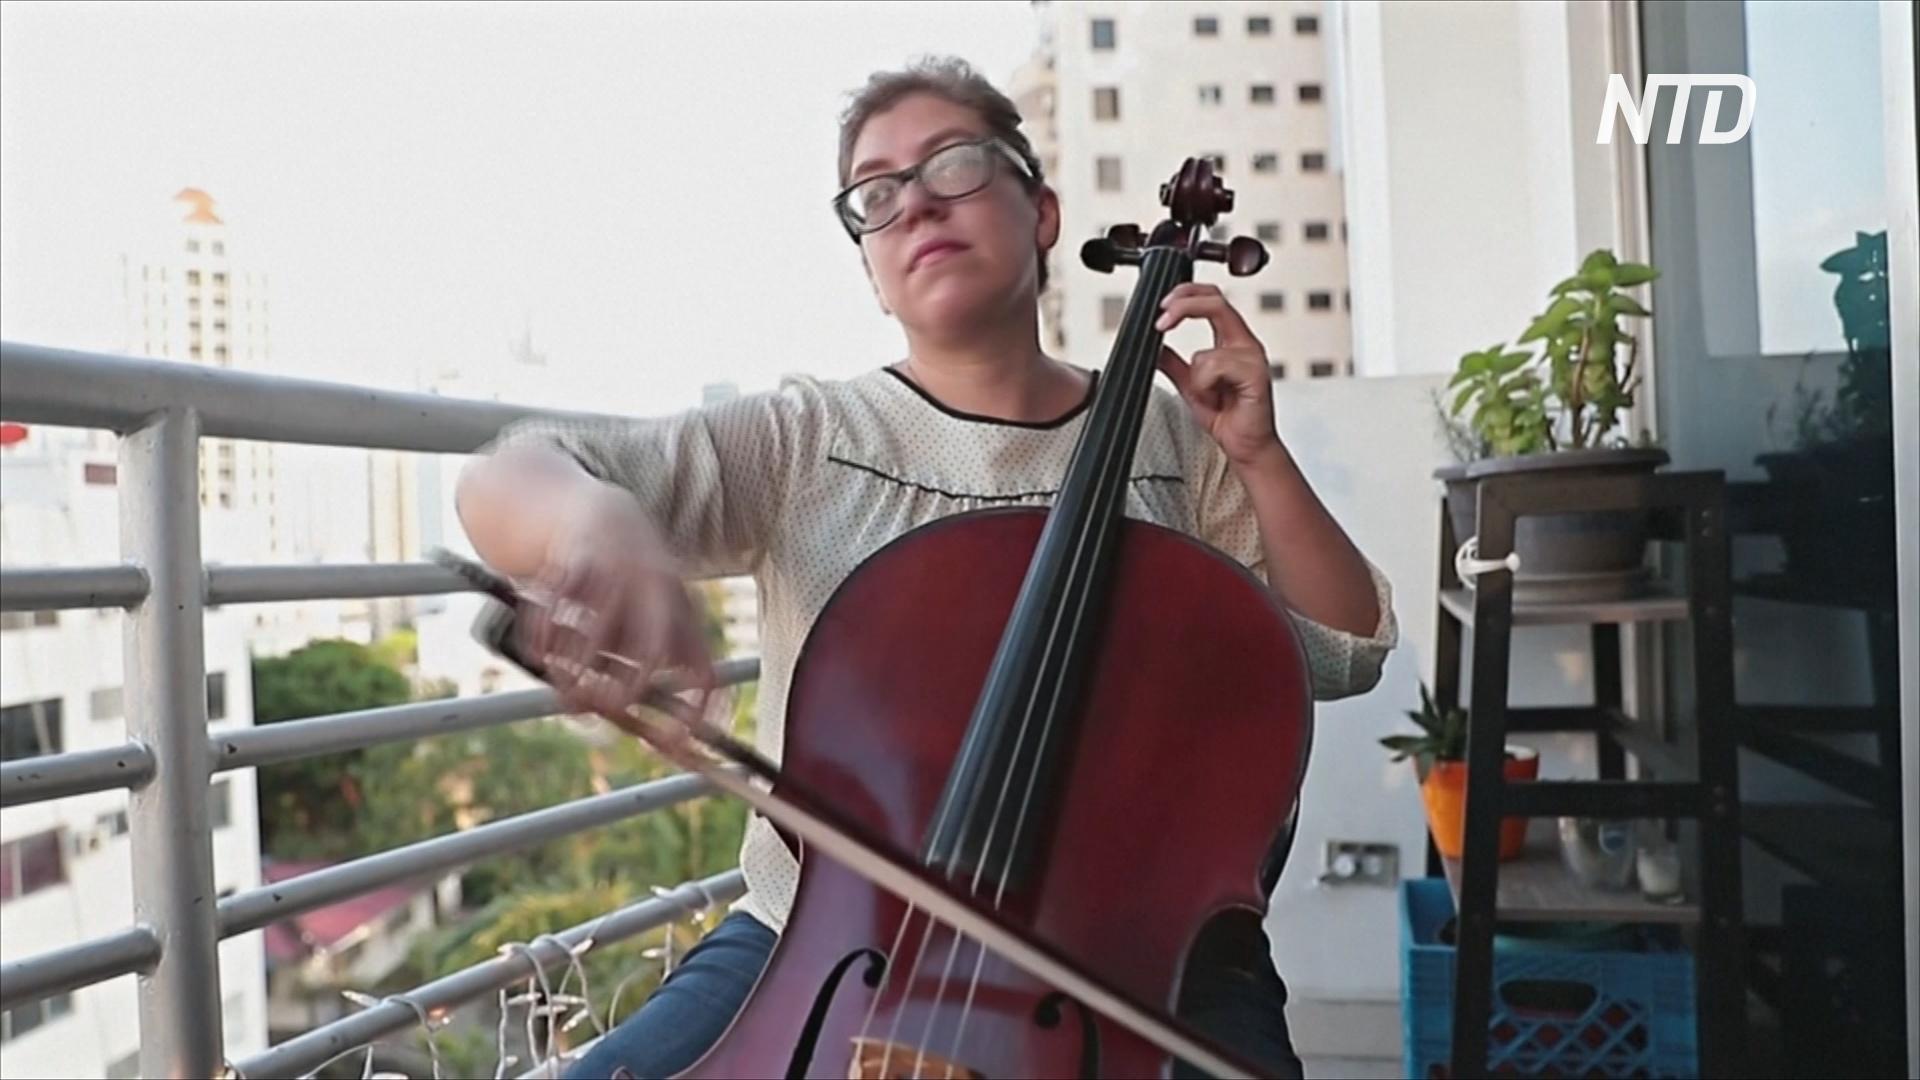 В Панаме виолончелистка играет на балконе для людей, встревоженных коронавирусом